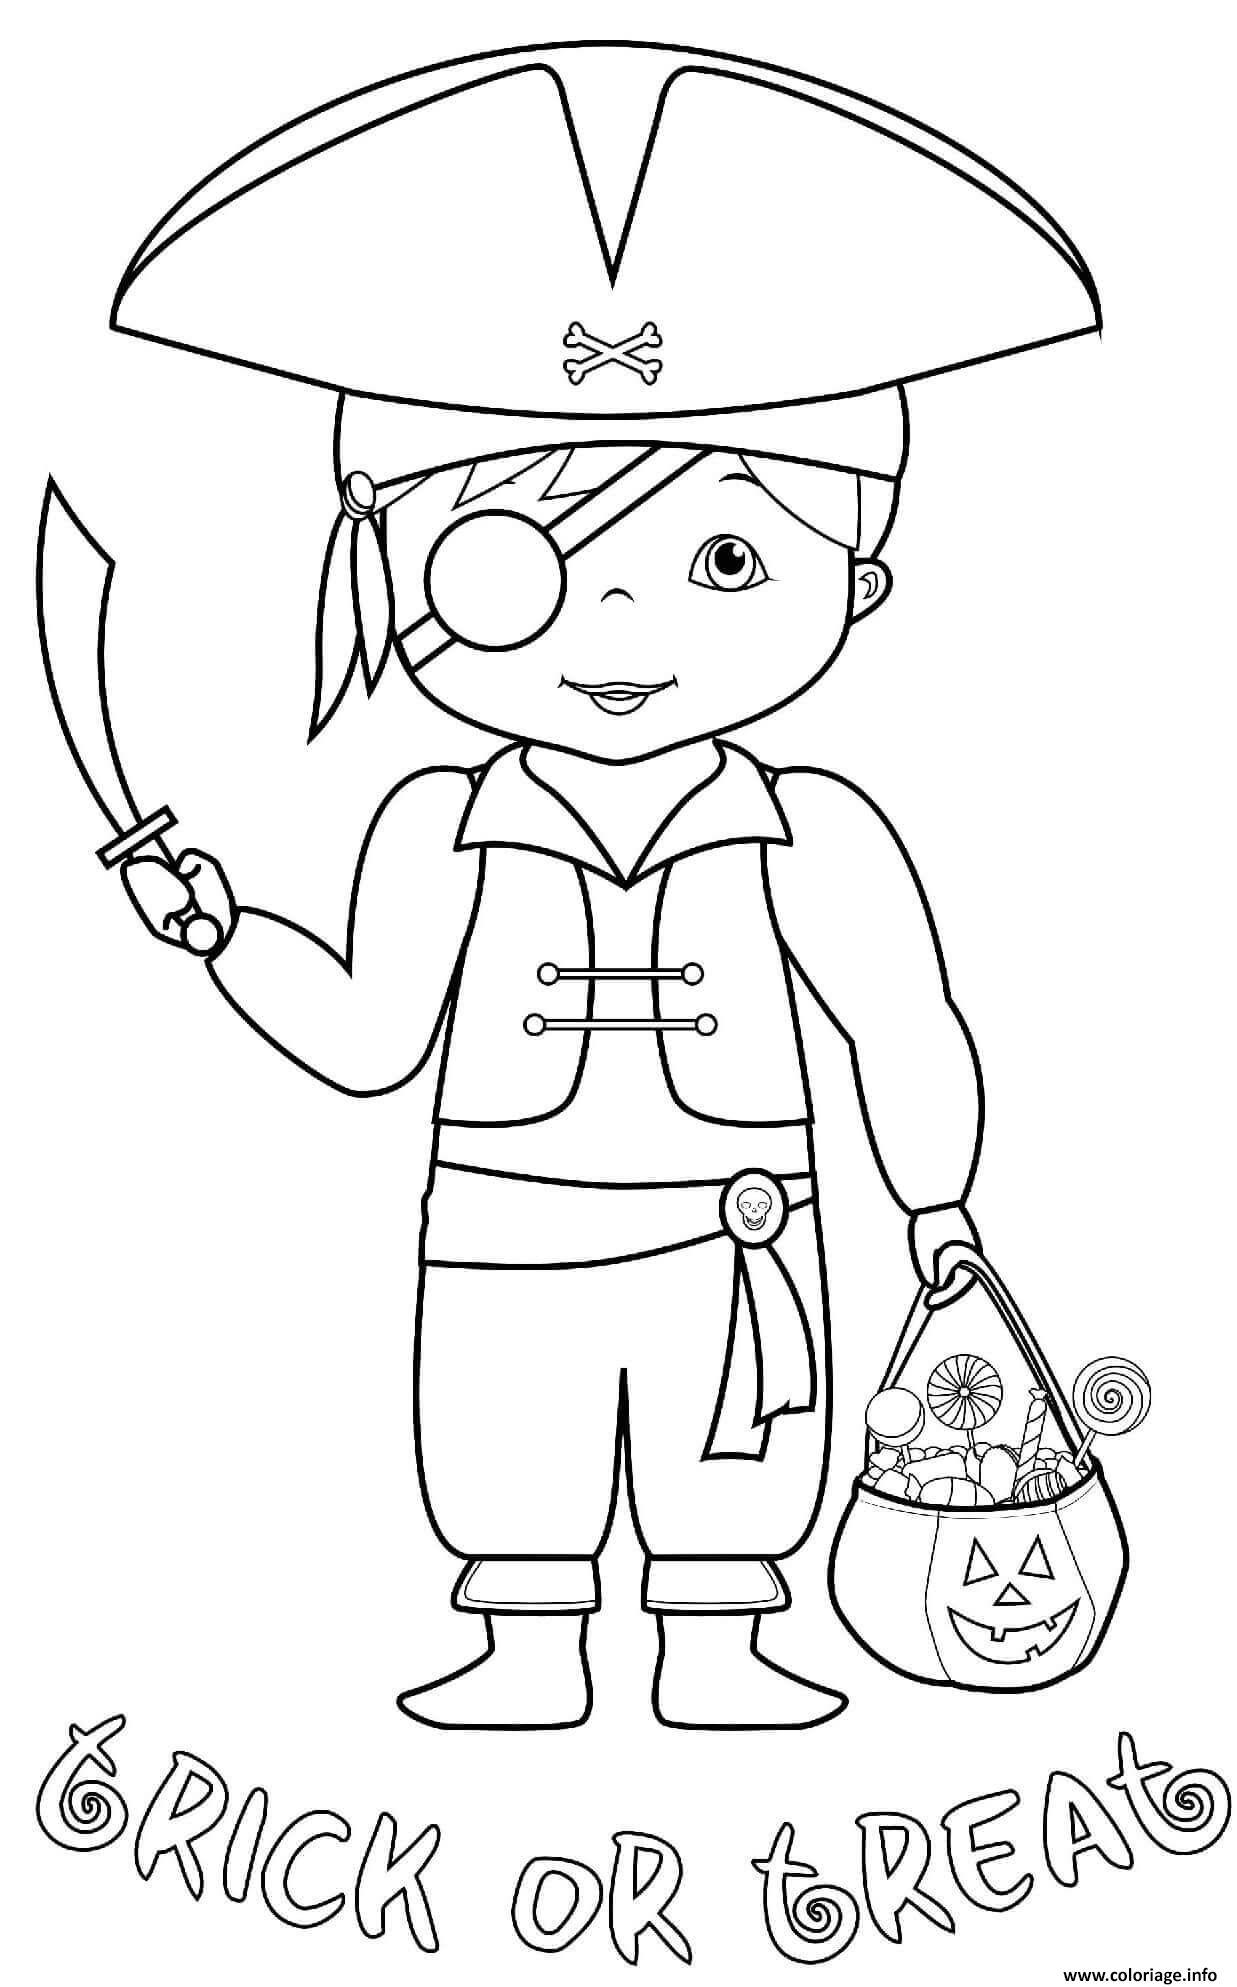 Dessin deguisement costume de pirate halloween avec des friandises Coloriage Gratuit à Imprimer